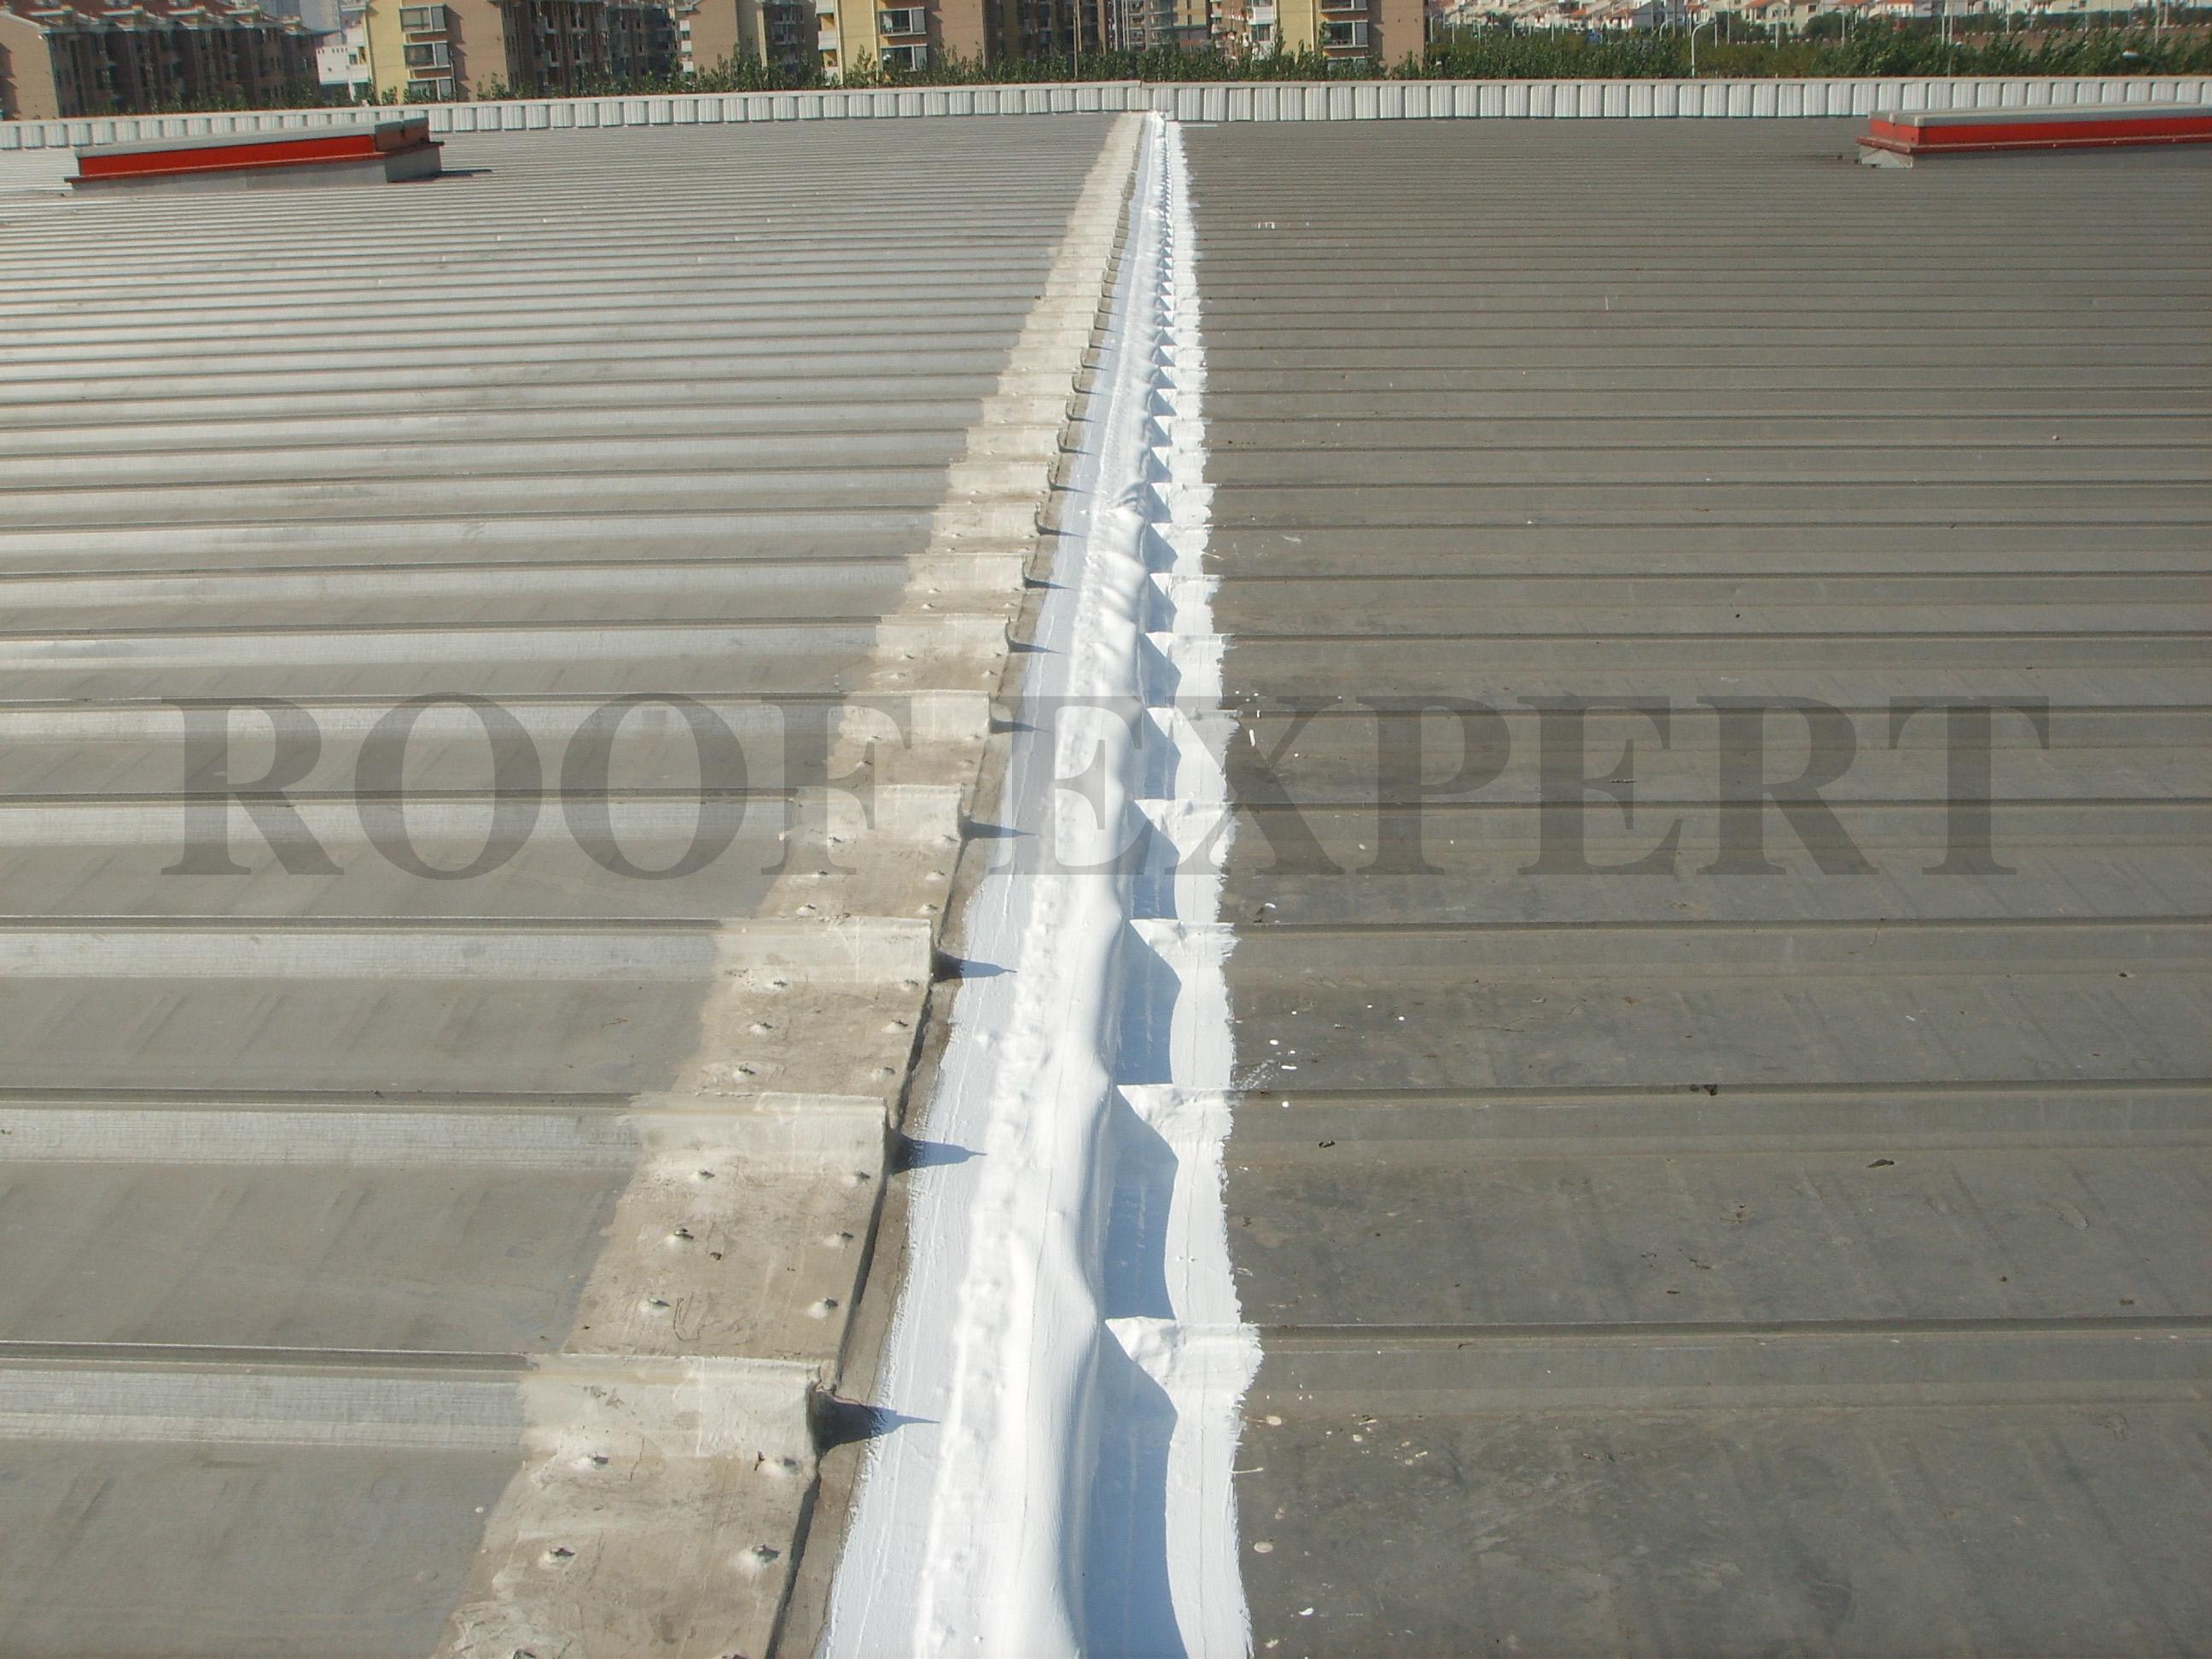 屋面防水 钢结构屋面防水 厂房屋面防水 屋面维修